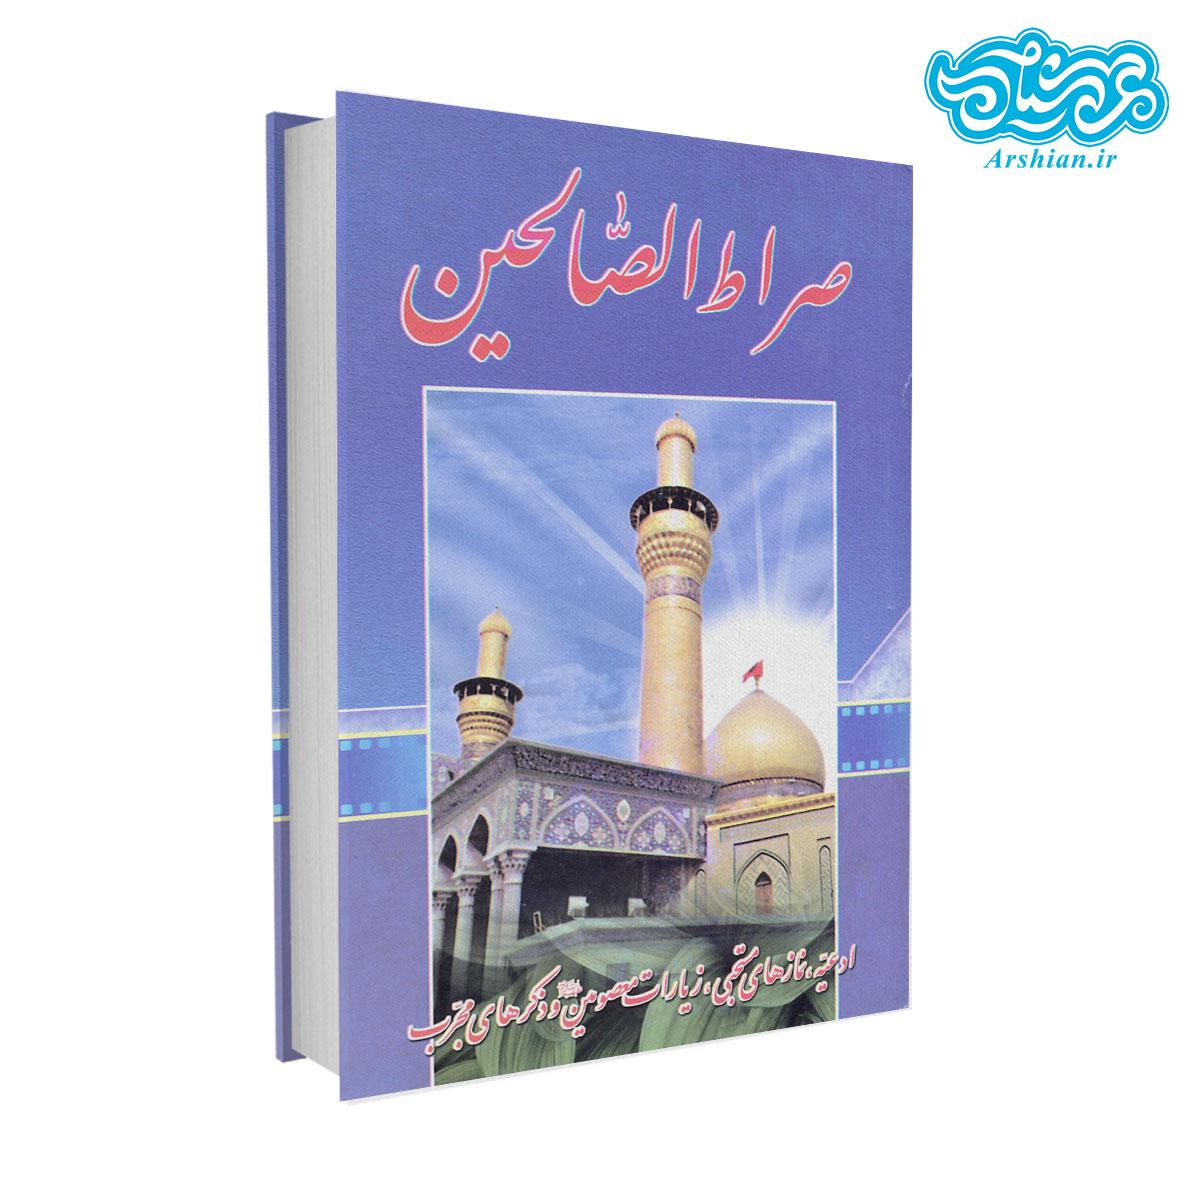 کتاب صراط الصالحین جلد سخت جیبی